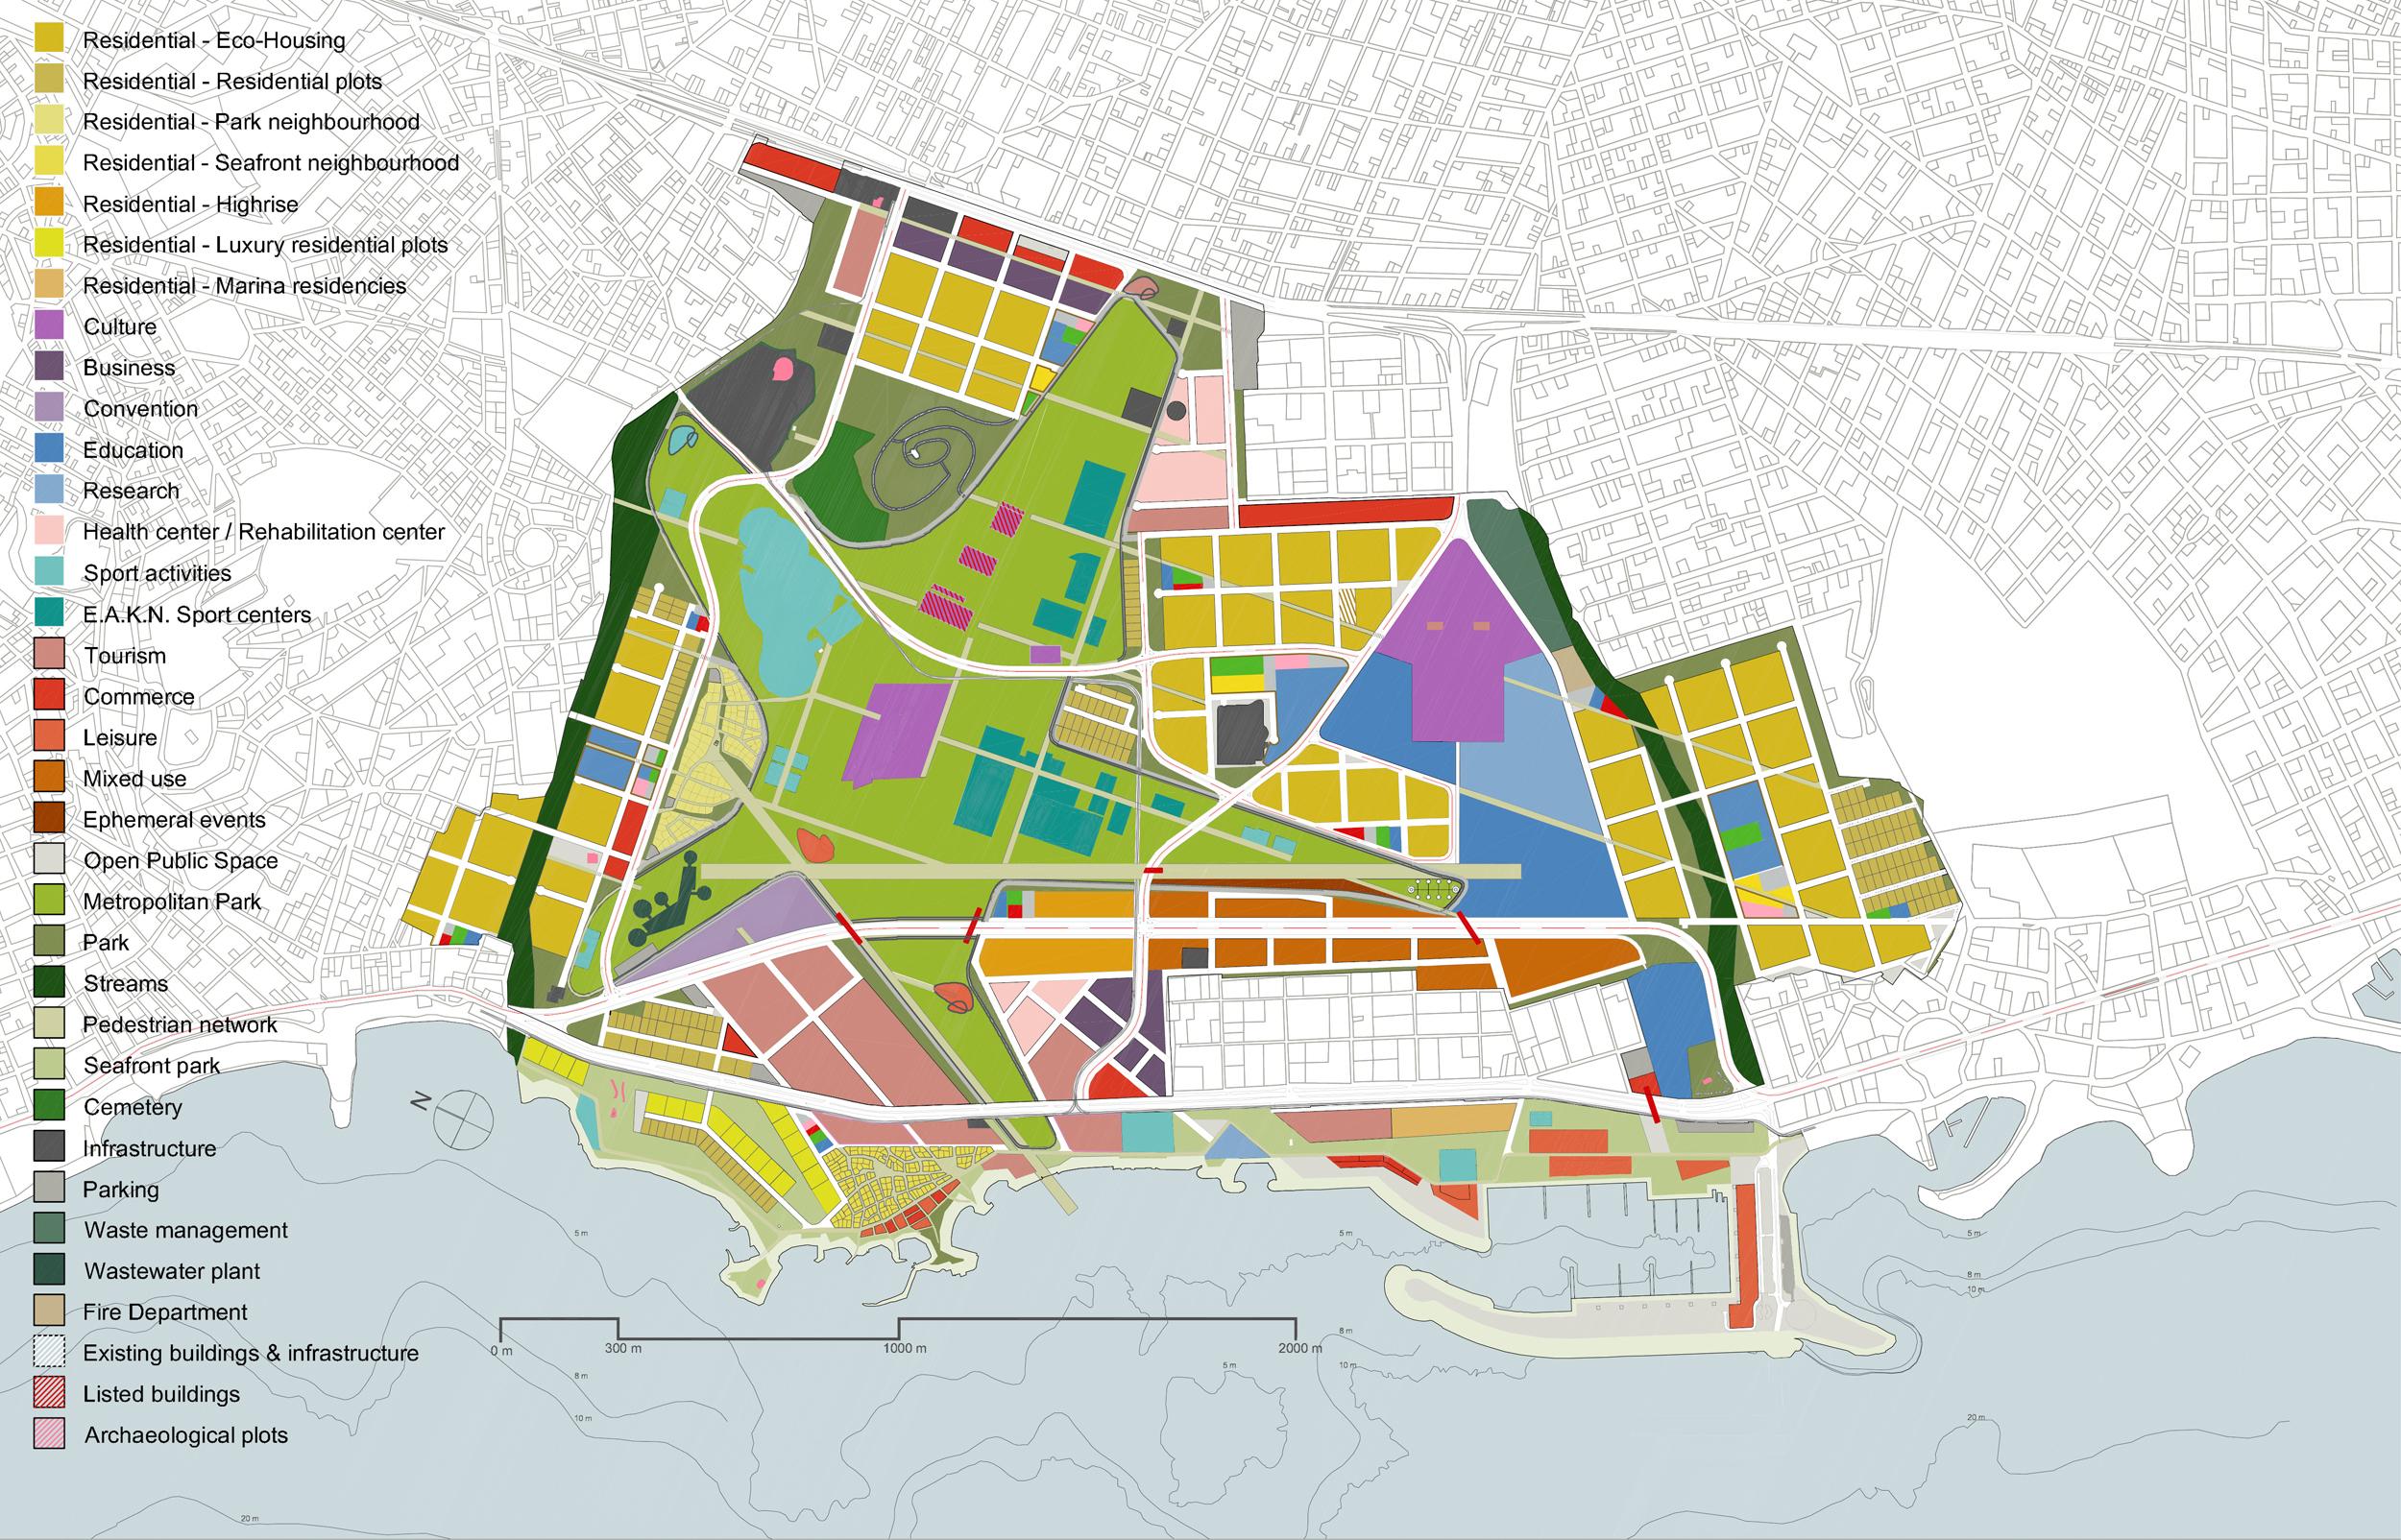 Οι παρατηρήσεις της ΓΣΕΒΕΕ στη δημόσια διαβούλευση για τις χρήσεις γης